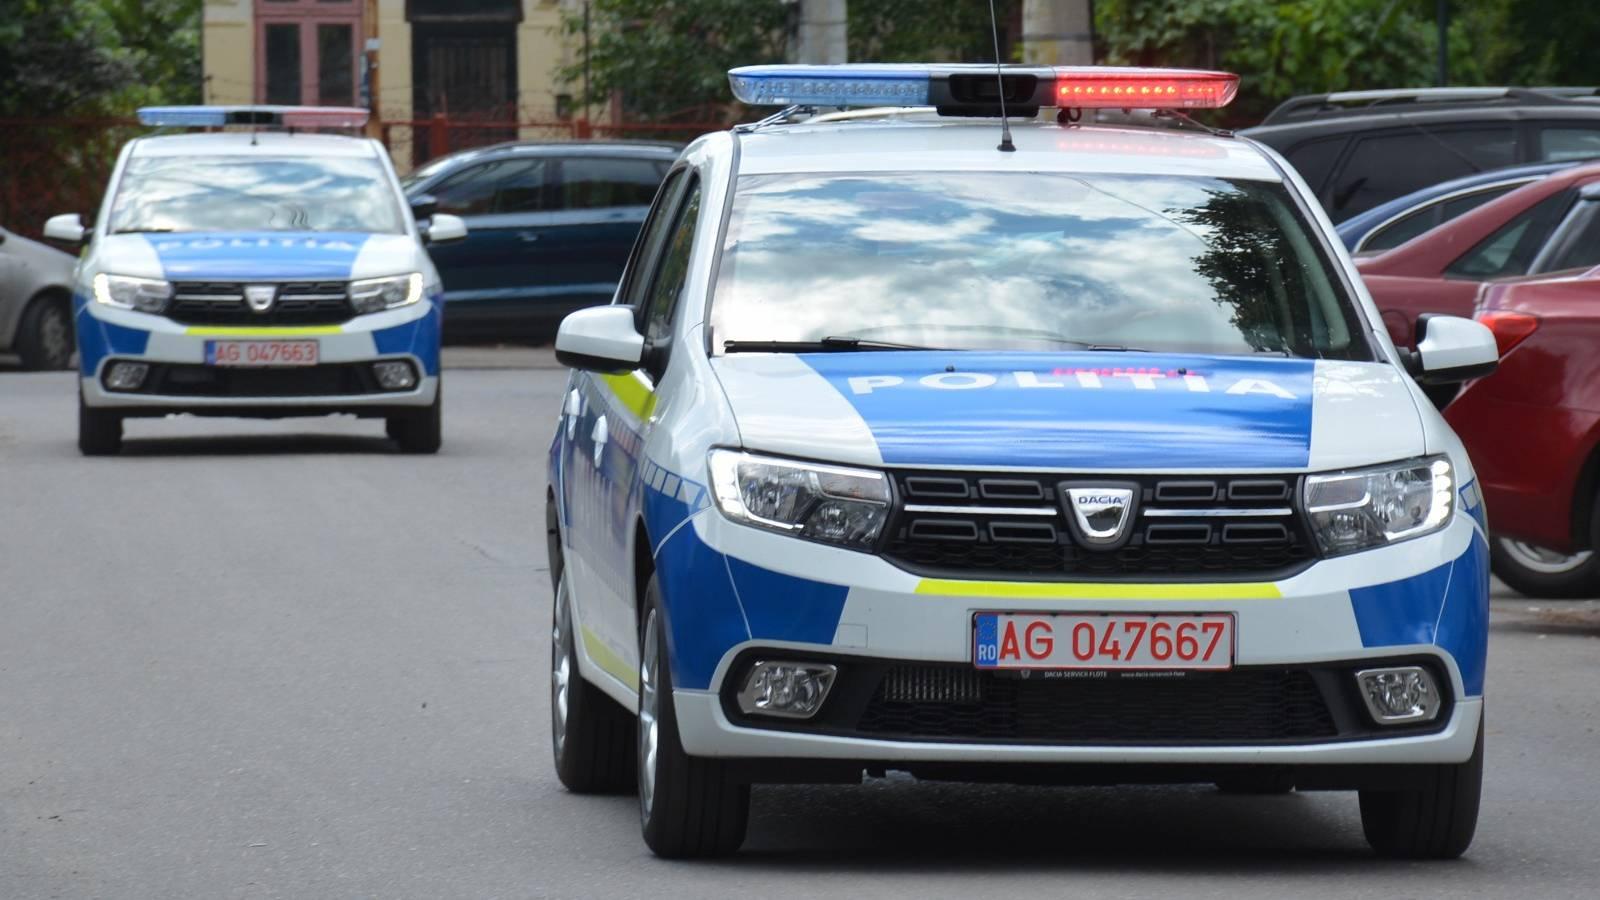 Politia Romana inselaciune accident